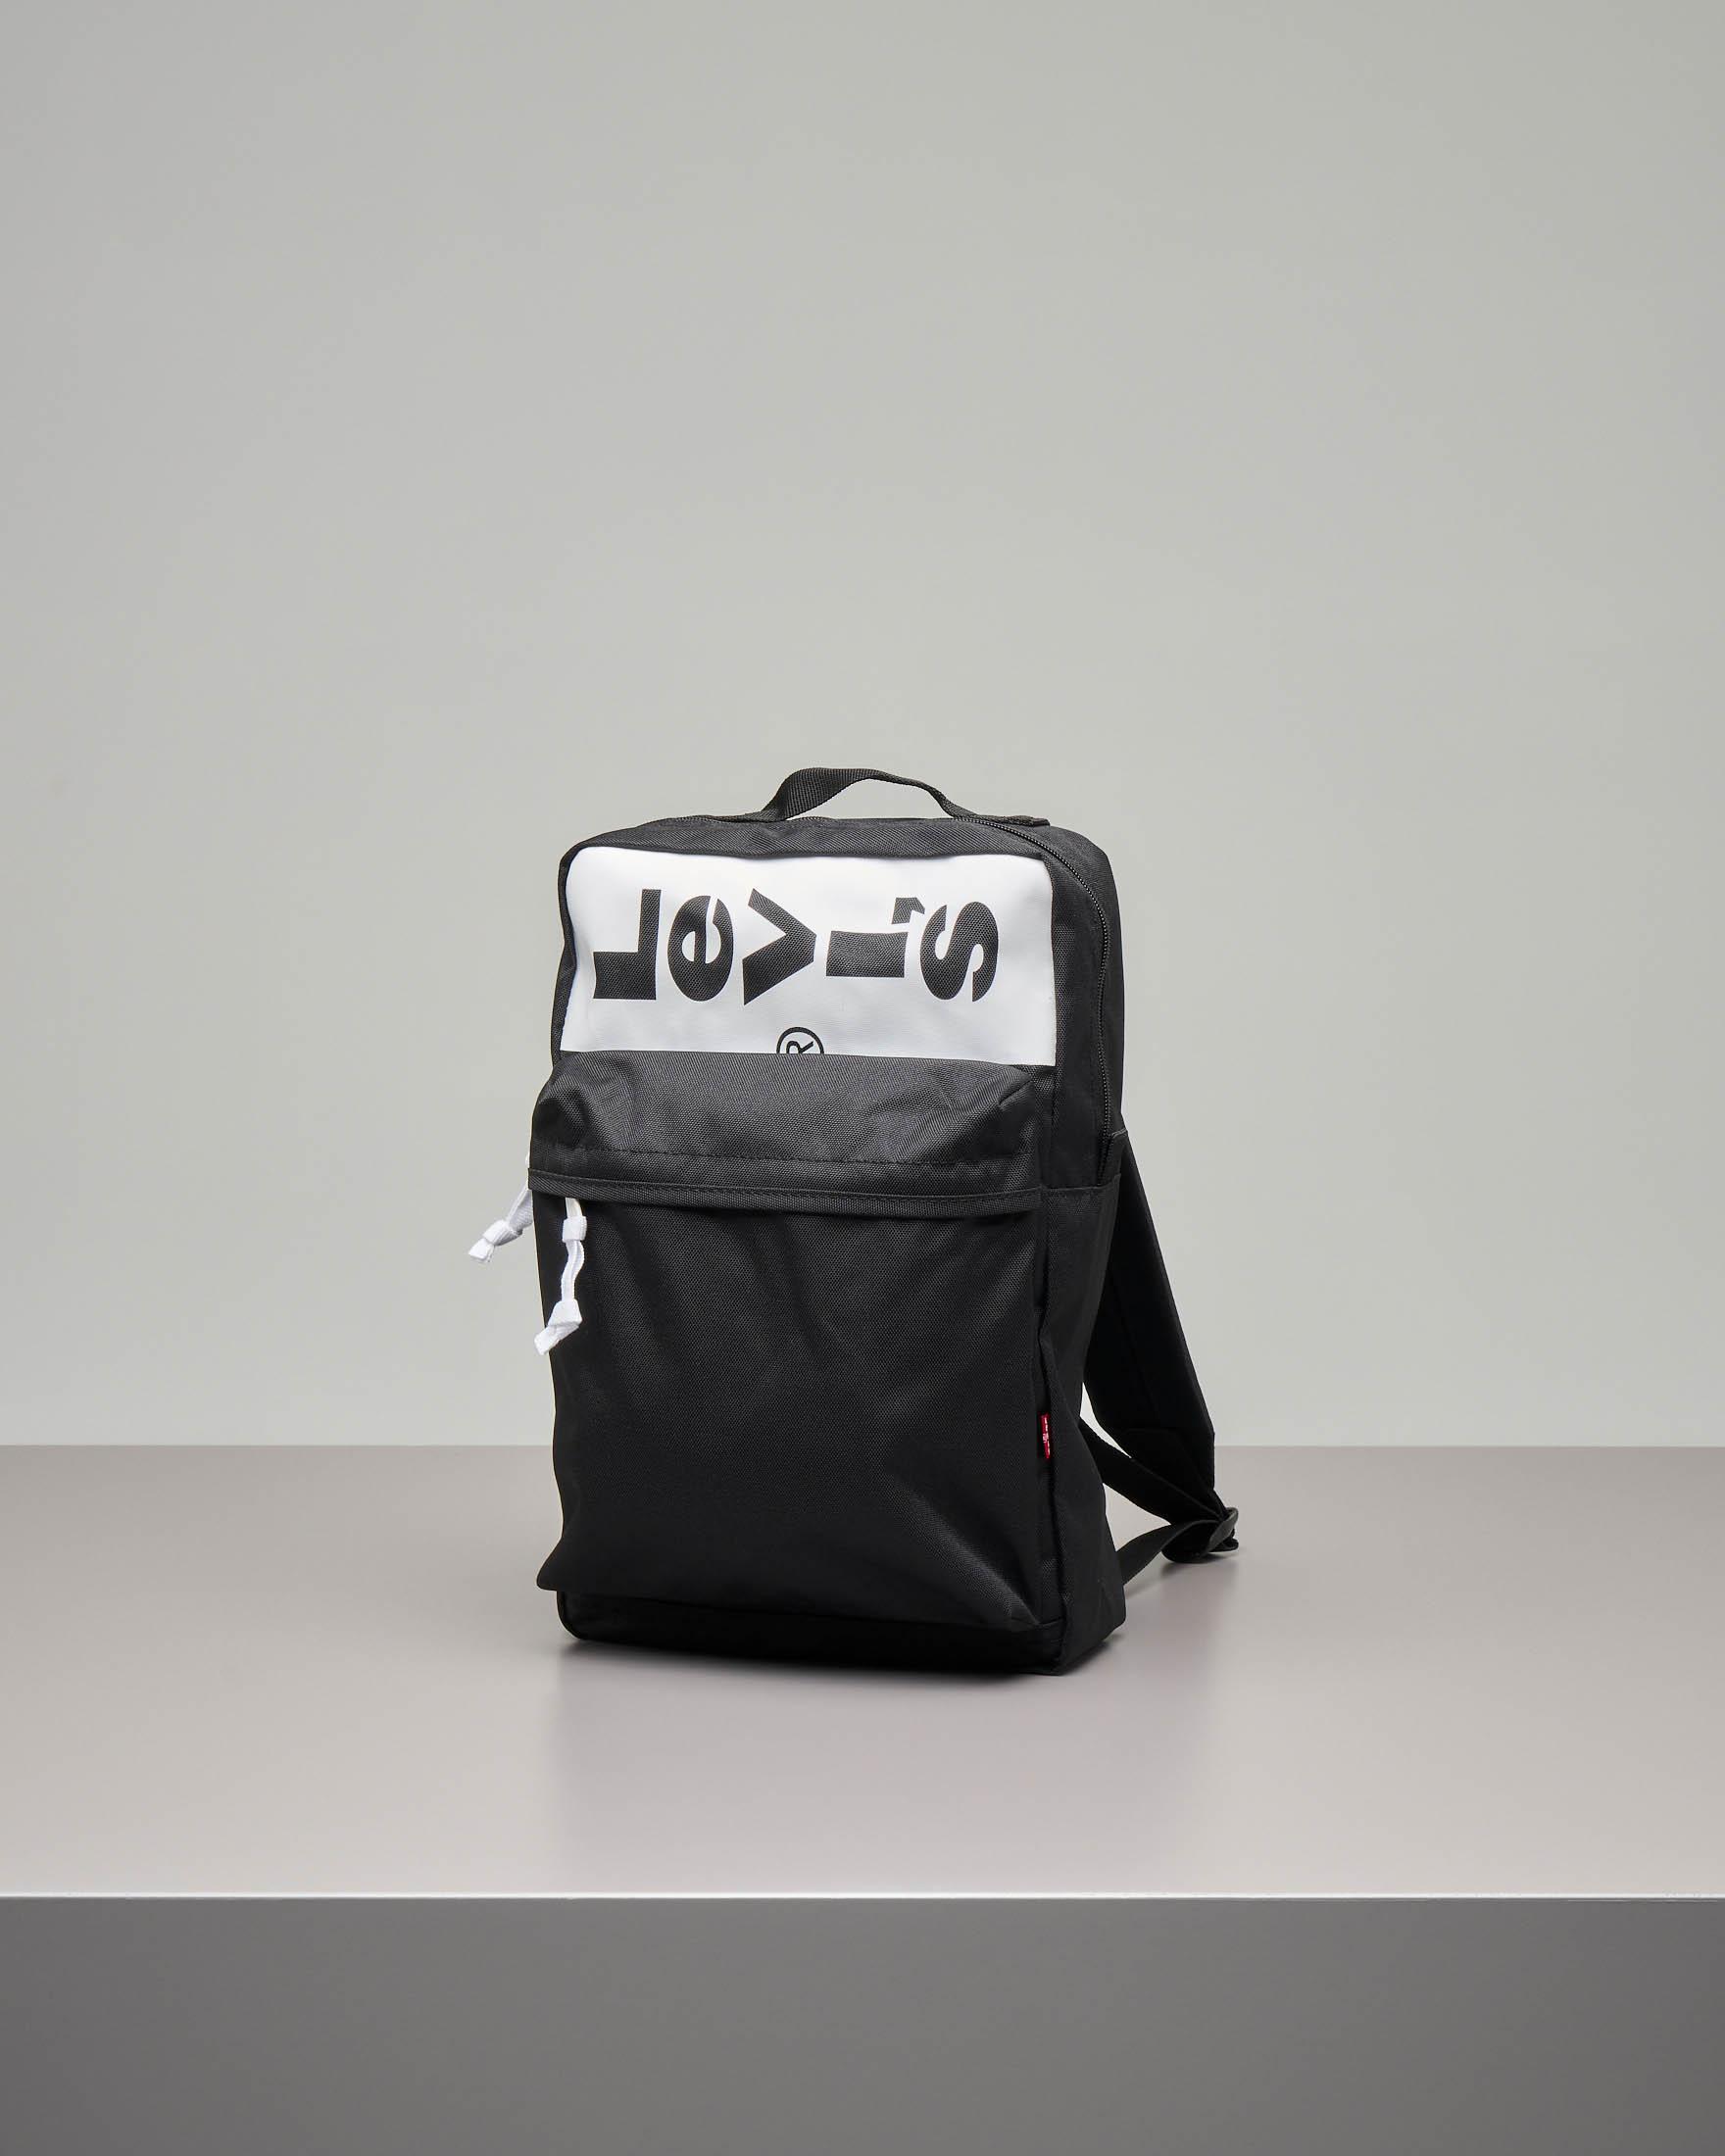 12eedbda23 Zaino nero quadrato con ampia tasca frontale e scritta logo a contrasto